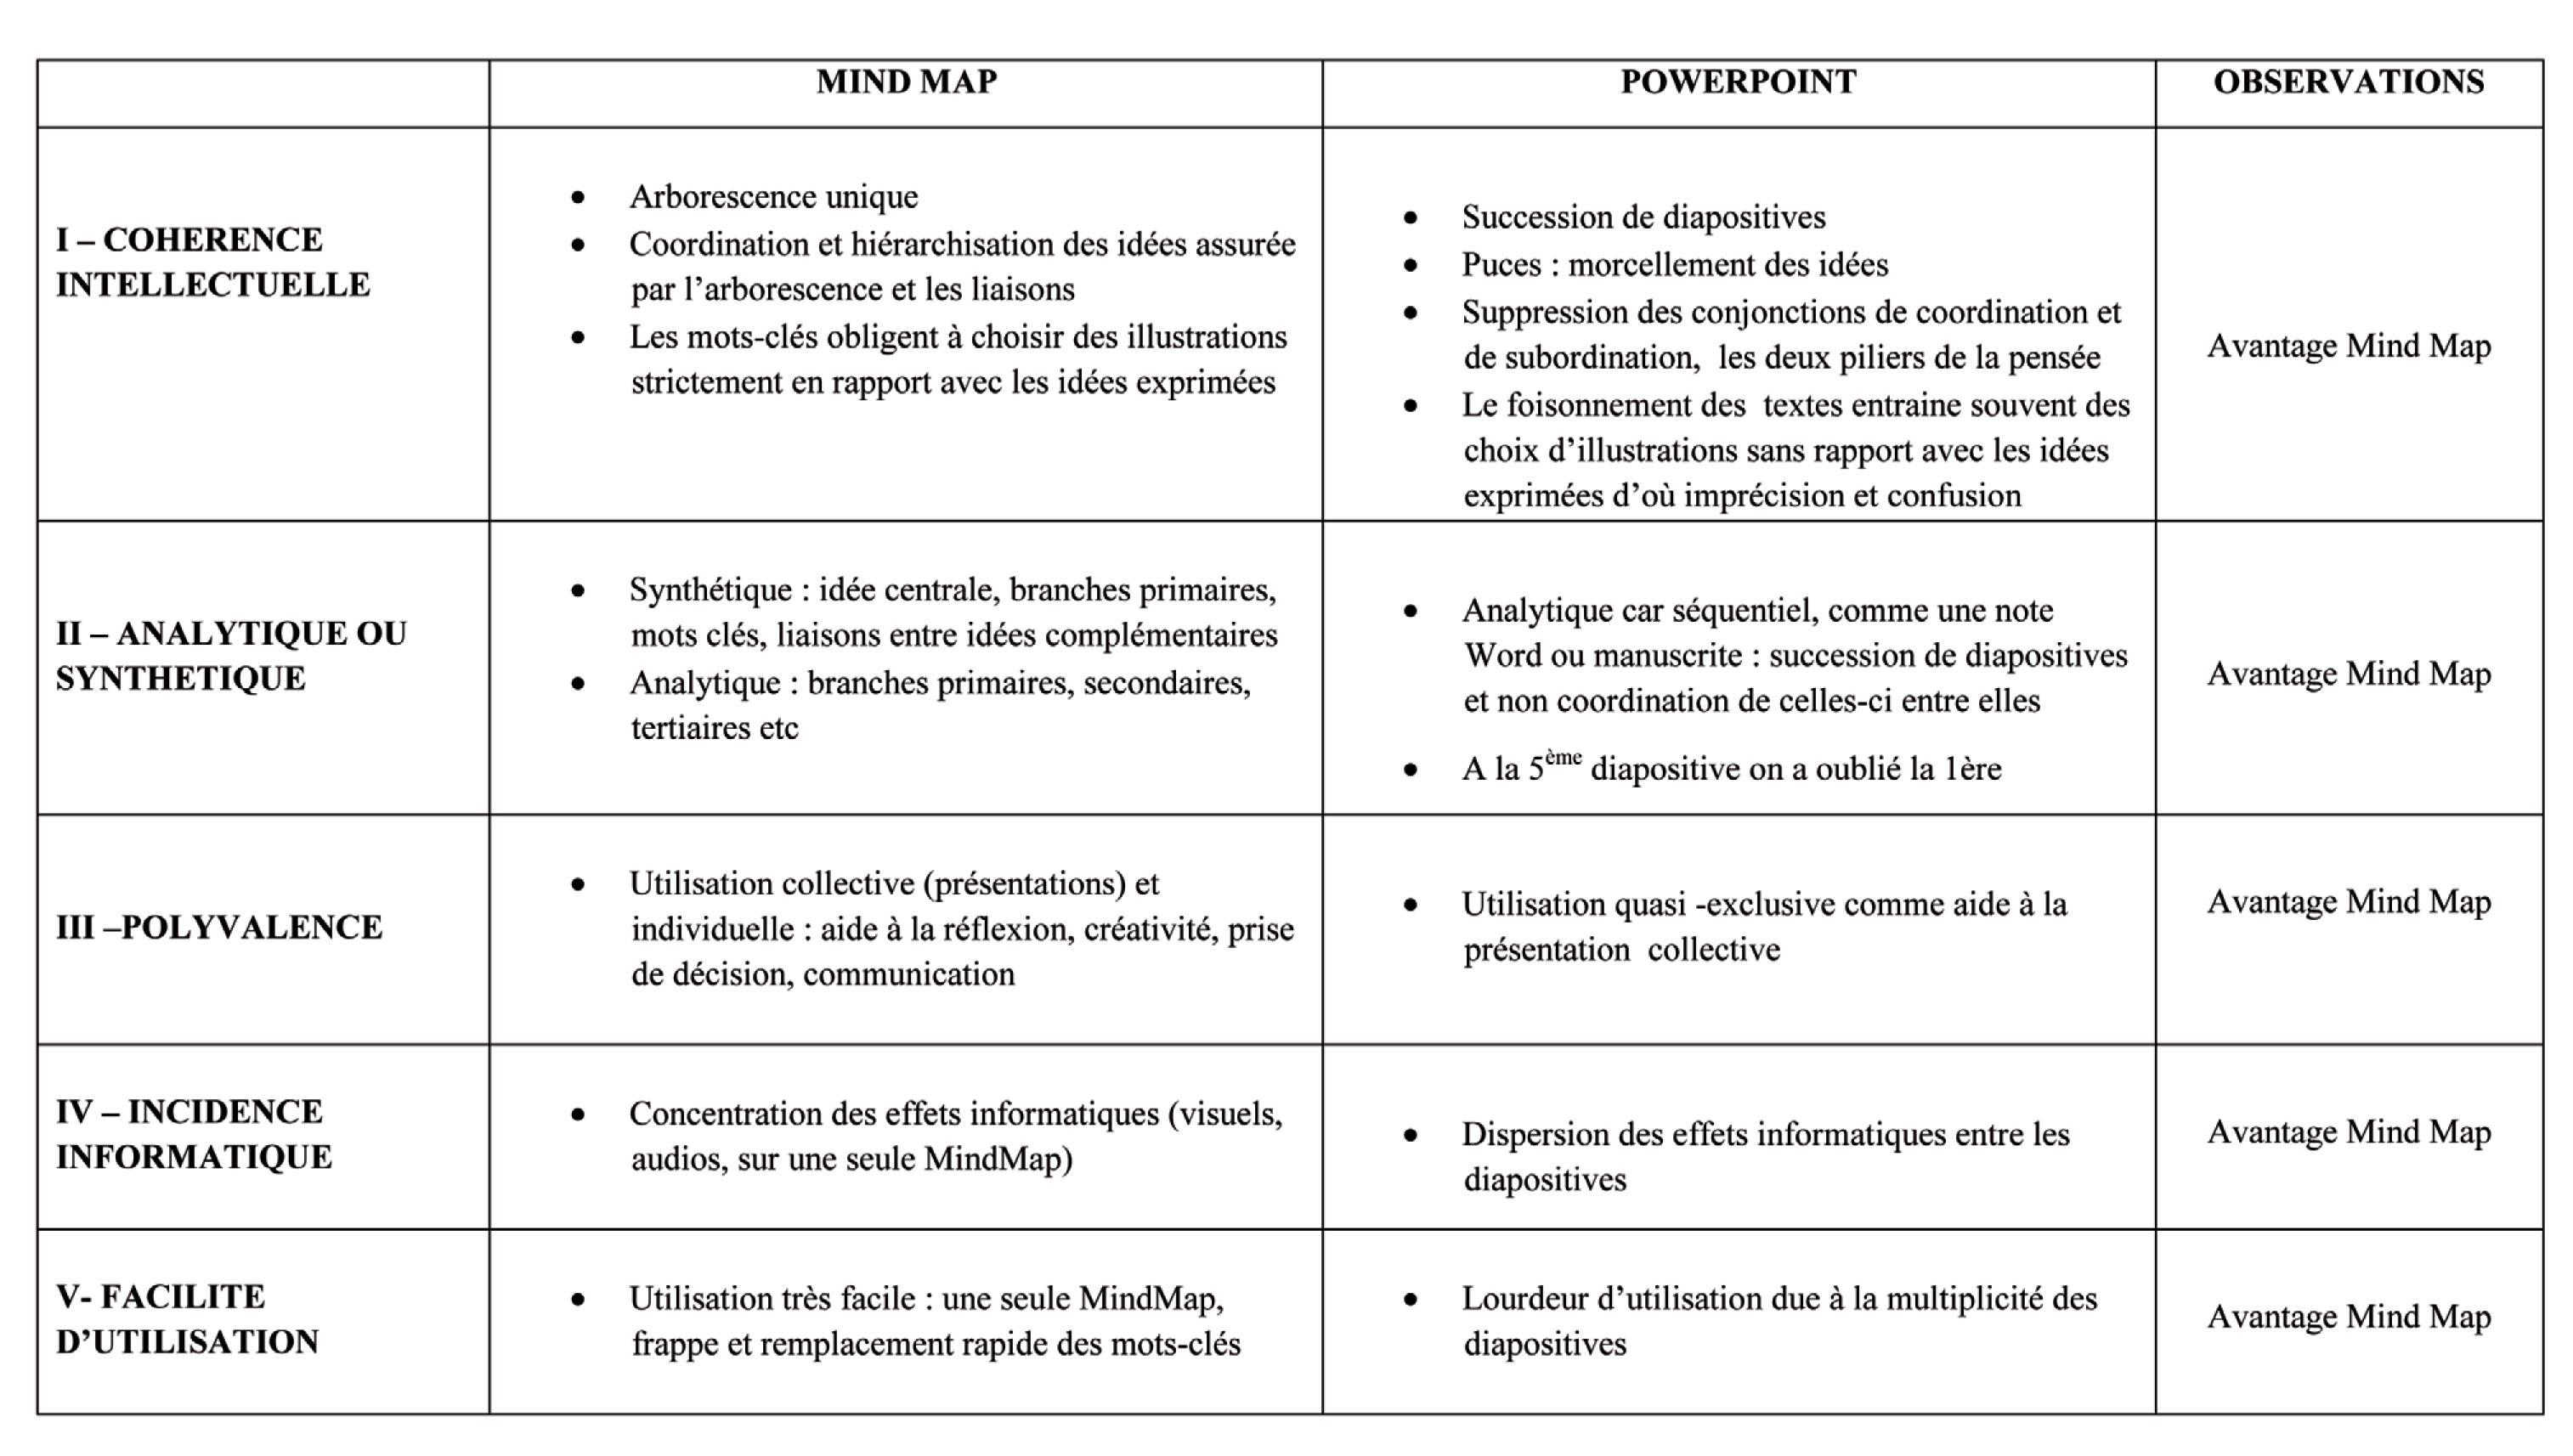 Étude comparée de Powerpoint et de Mindmap